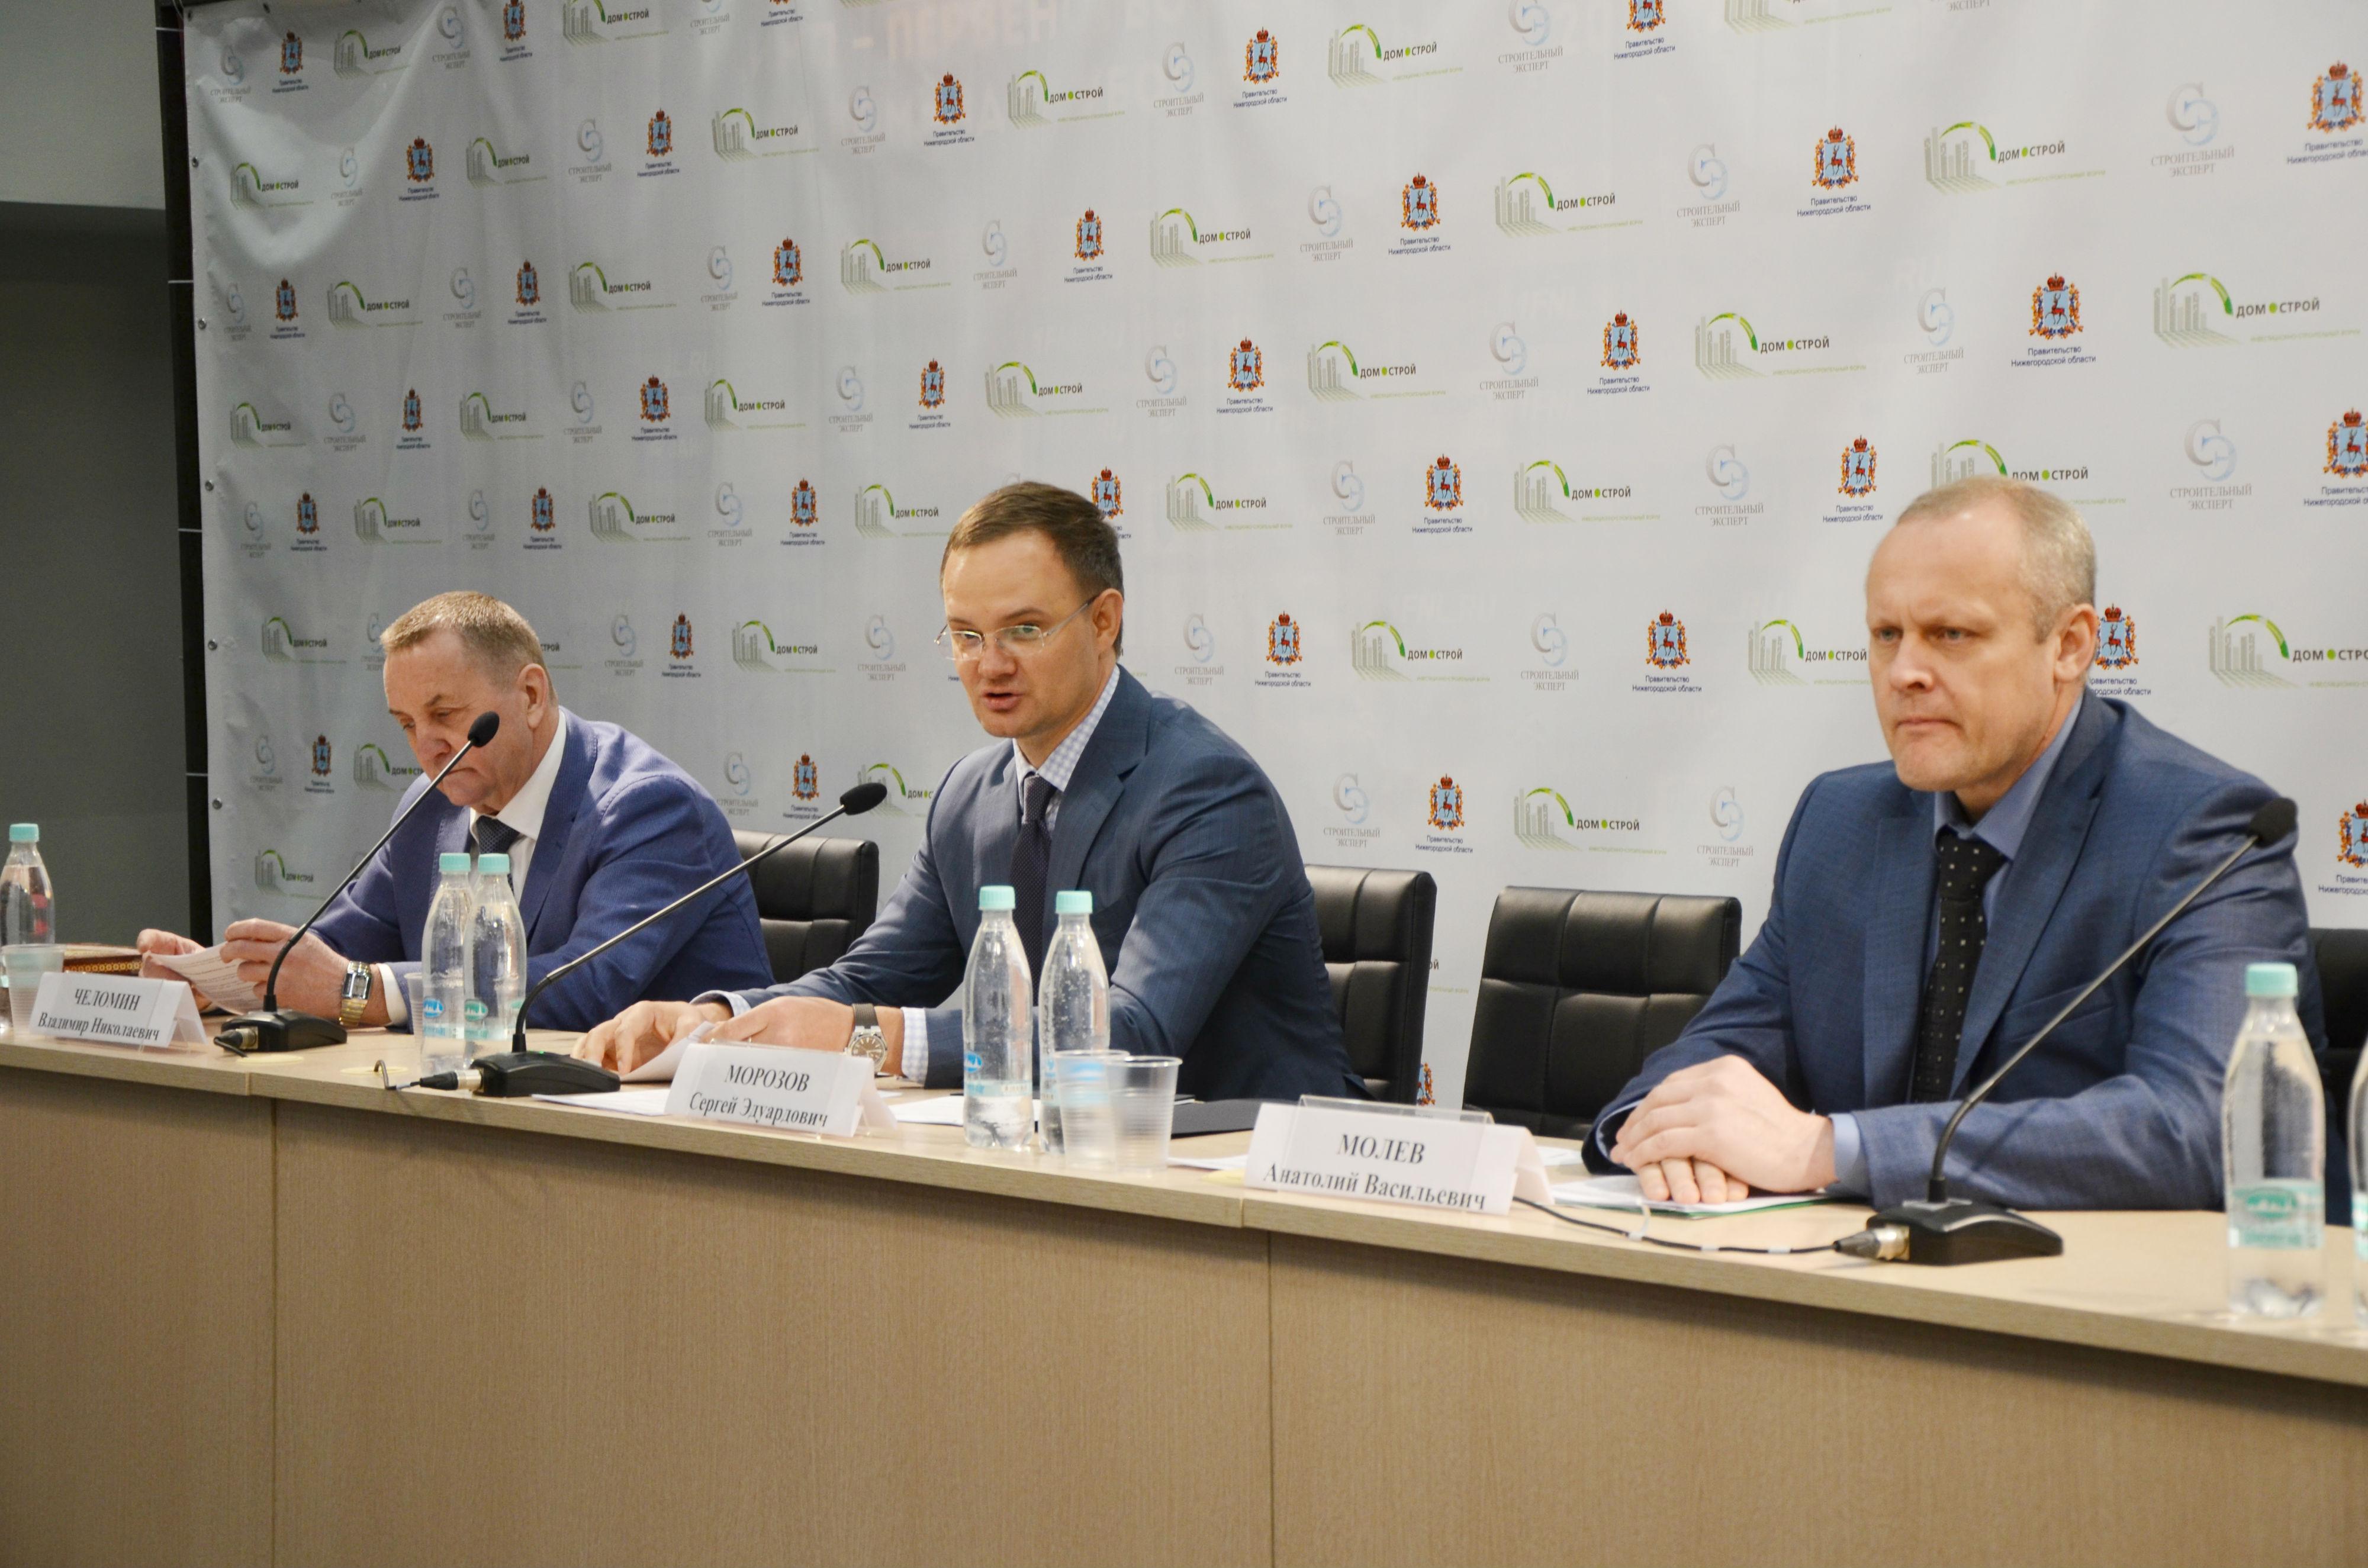 Сергей Морозов: «Проектное финансирование позволяет защитить граждан» - фото 2